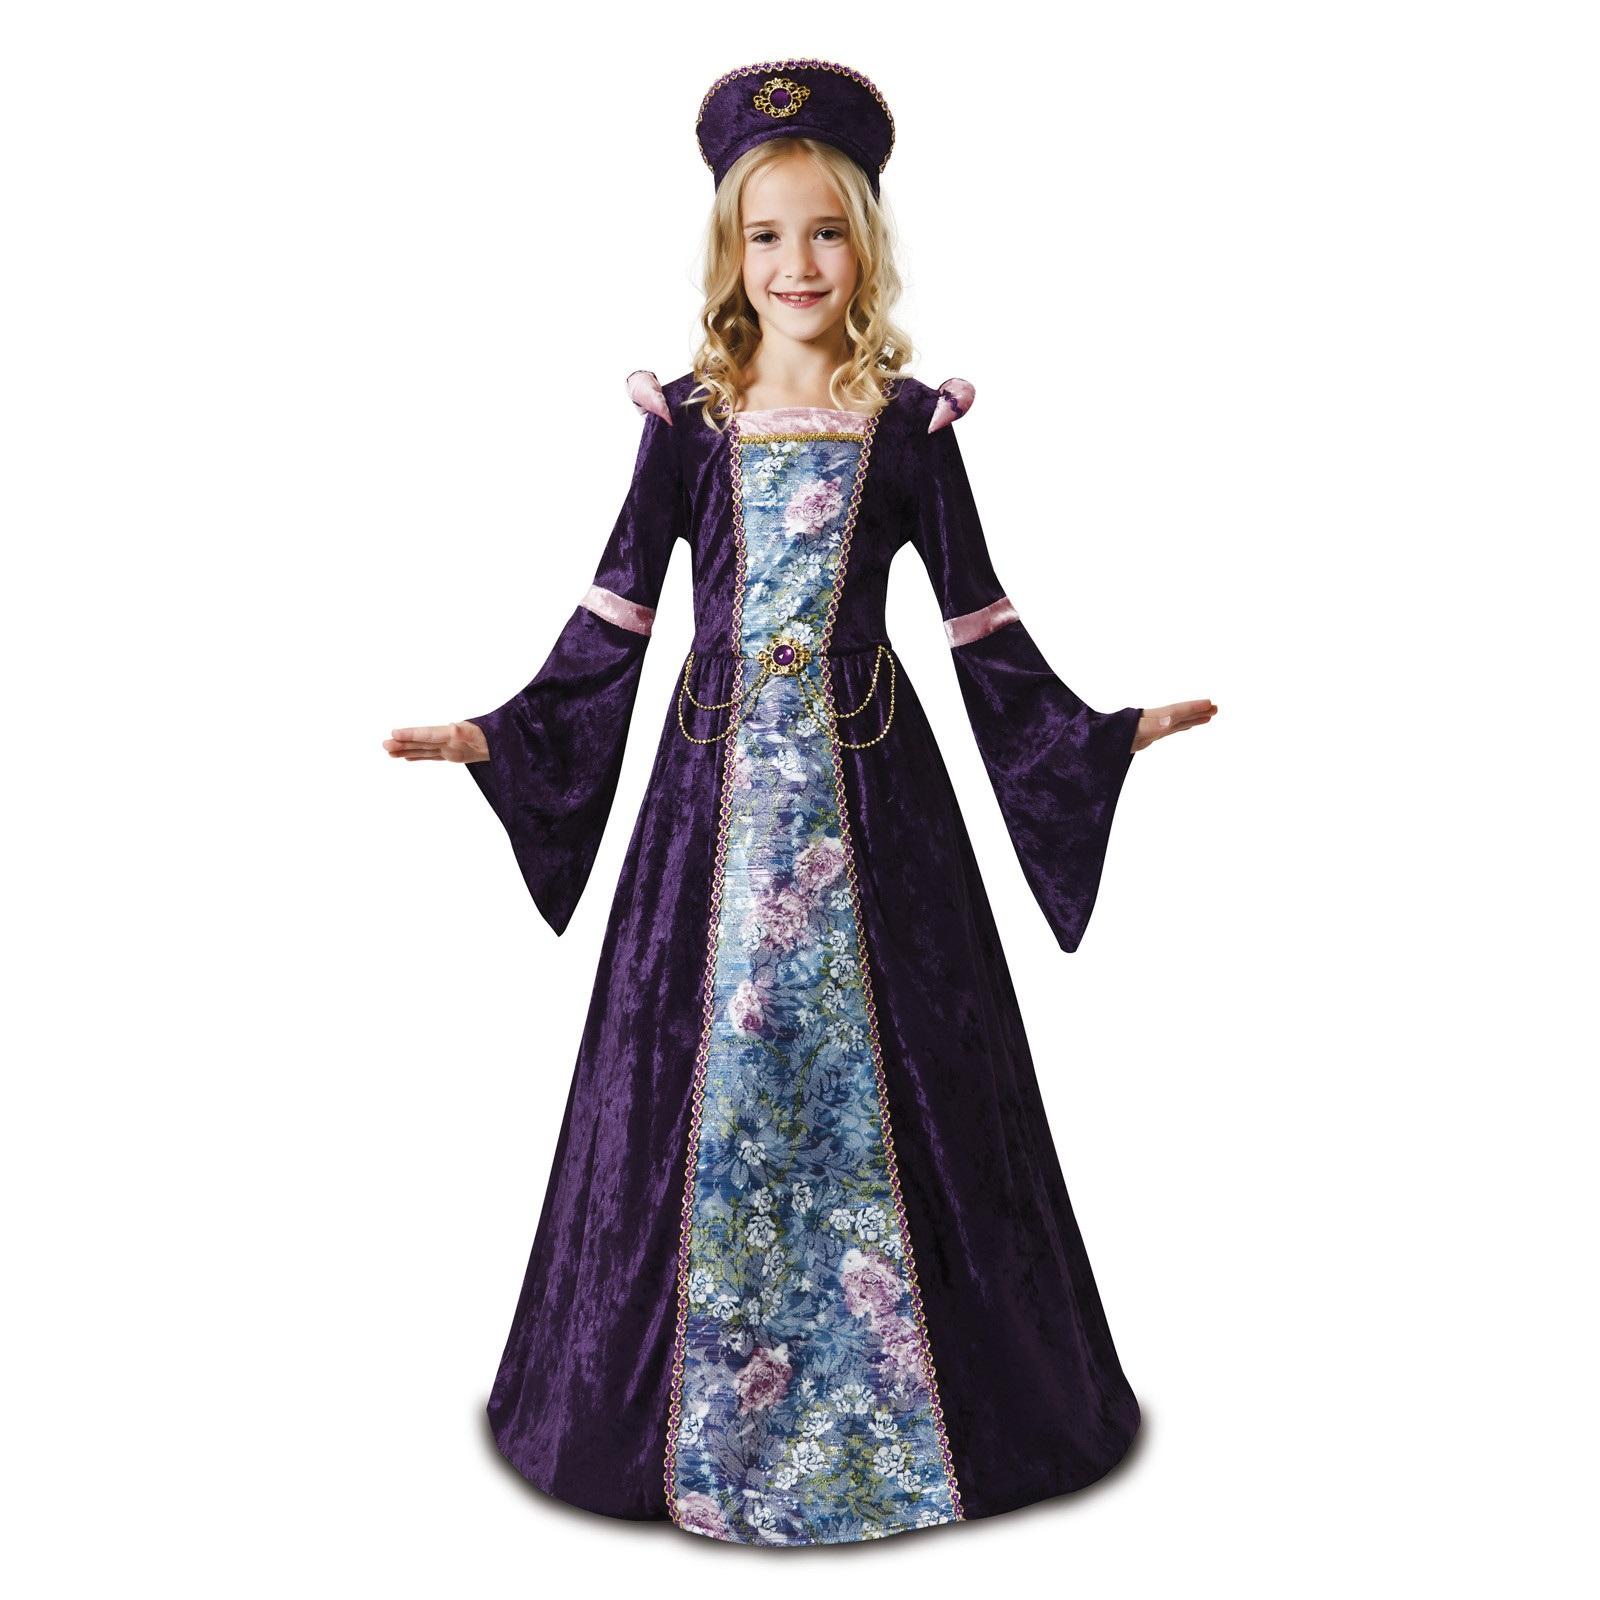 disfraz docella lavanda niña 203152mom - DISFRAZ DONCELLA LAVANDA NIÑA